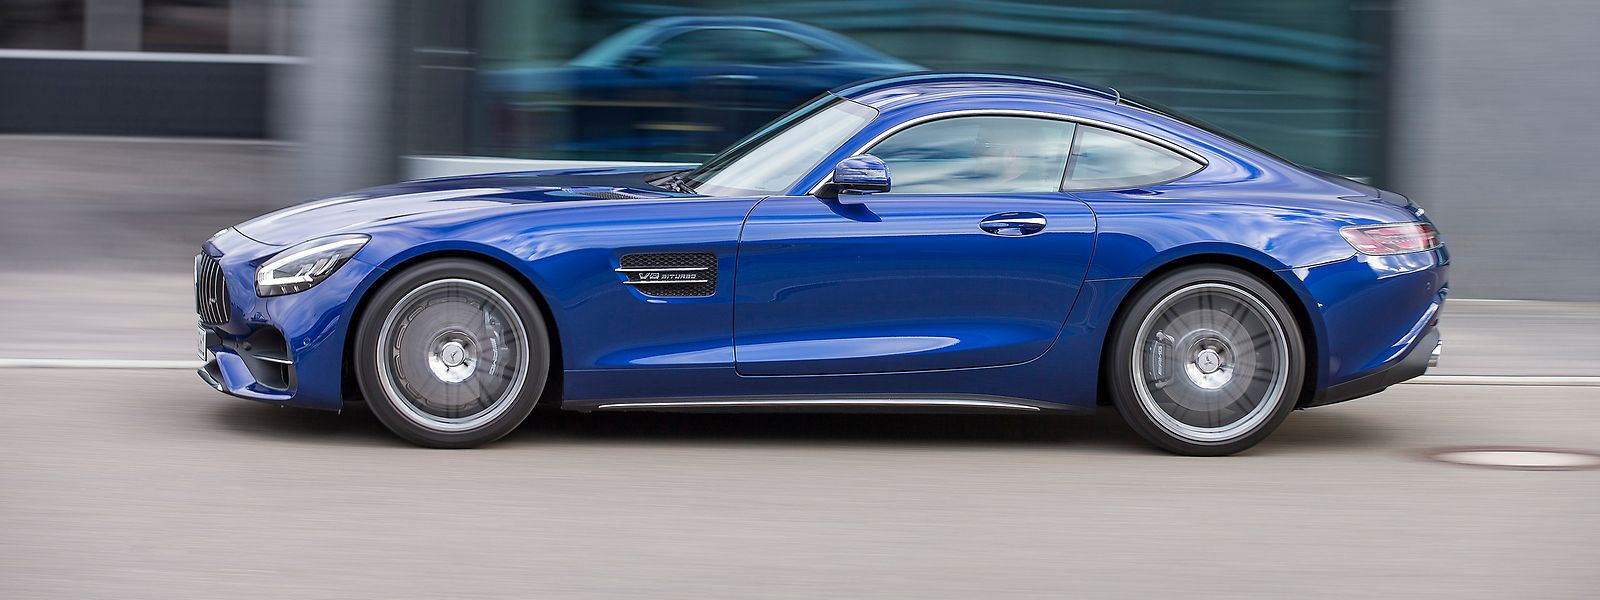 Mit seiner extrem flachen Silhouette verkörpert der Mercedes-AMG GT einen zweisitzigen Sportwagen par excellence.